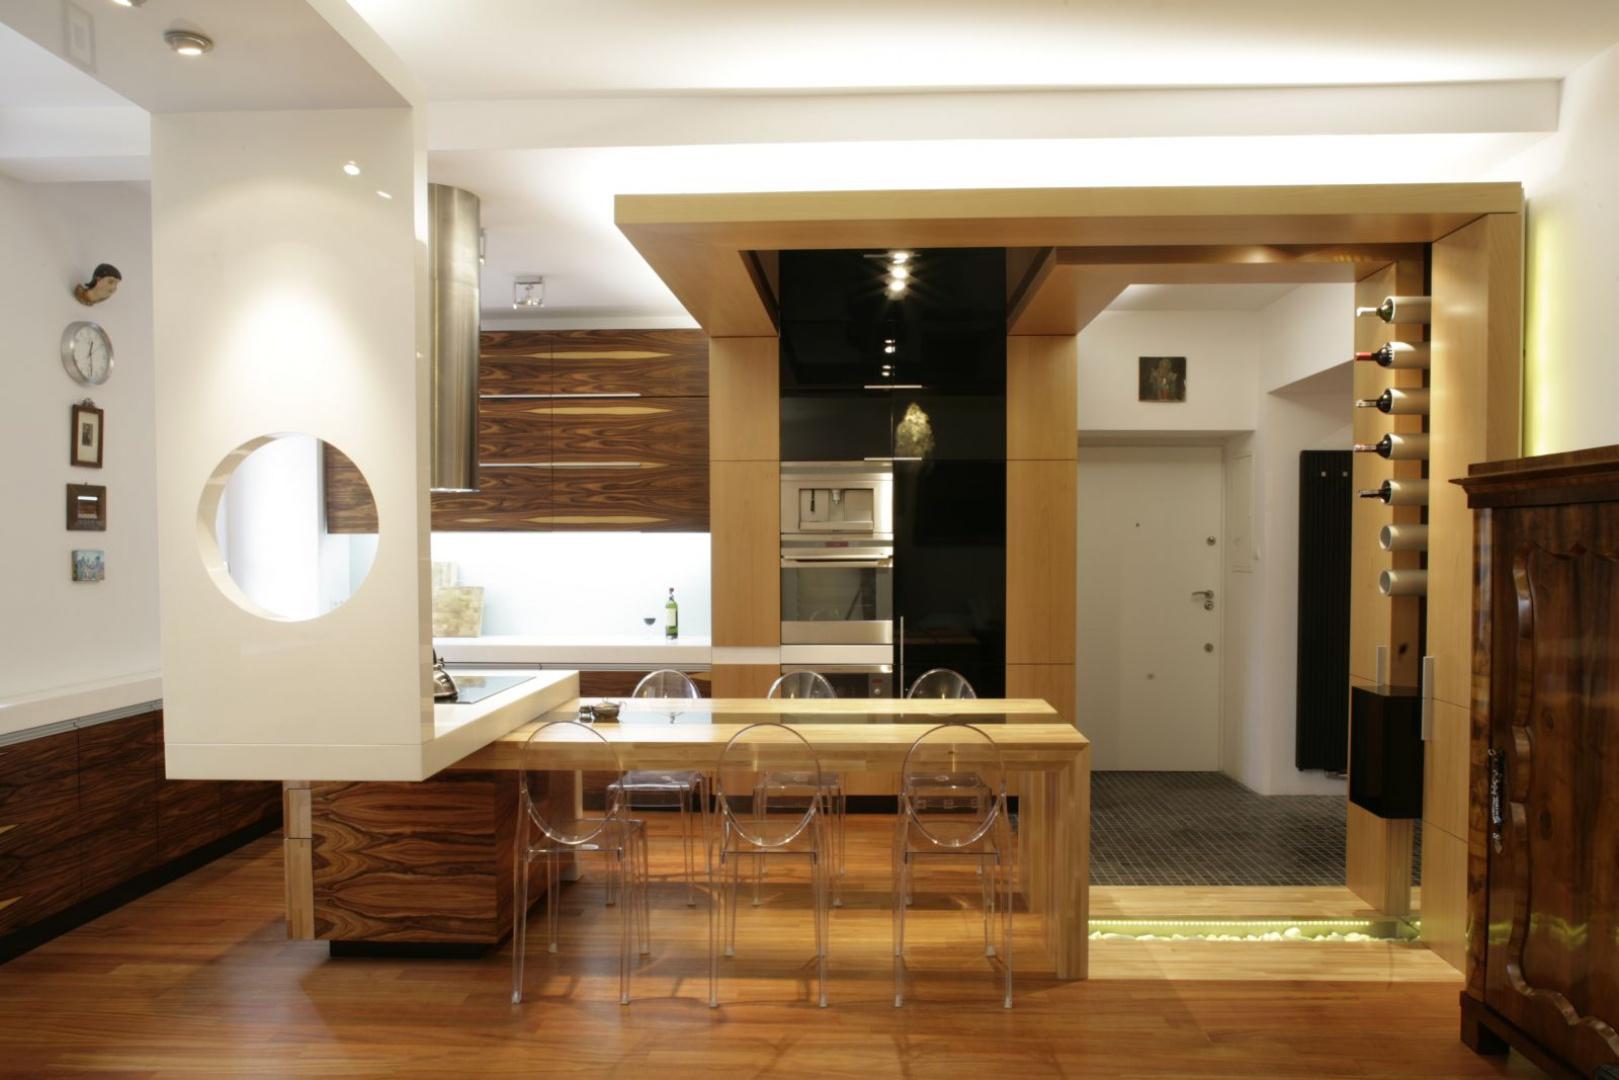 W tym warszawskim mieszkaniu kuchnia odznacza się pięknymi wyraźnymi słojami drewna, które świetnie pasują do białych ścian i jaśniejszych drewnianych elementów. Projekt: Michał Swałtek. Fot. Bartosz Jarosz.